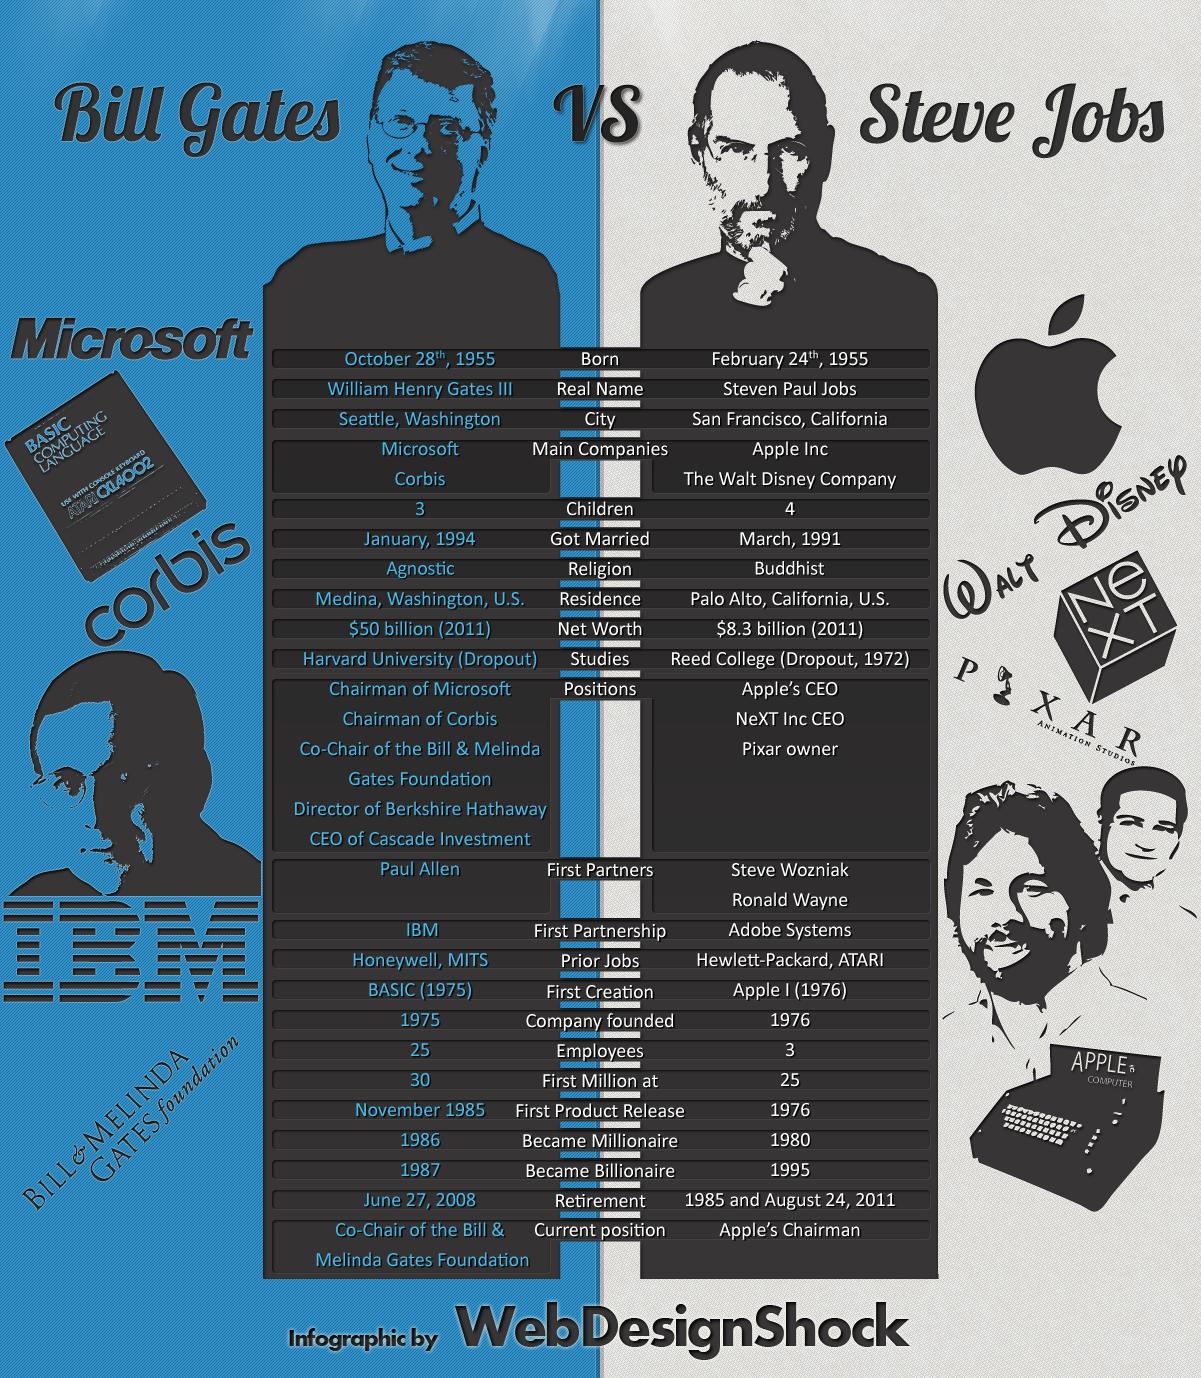 c2042dfa500 Steve Jobs vs Bill Gates #infografia #infographic